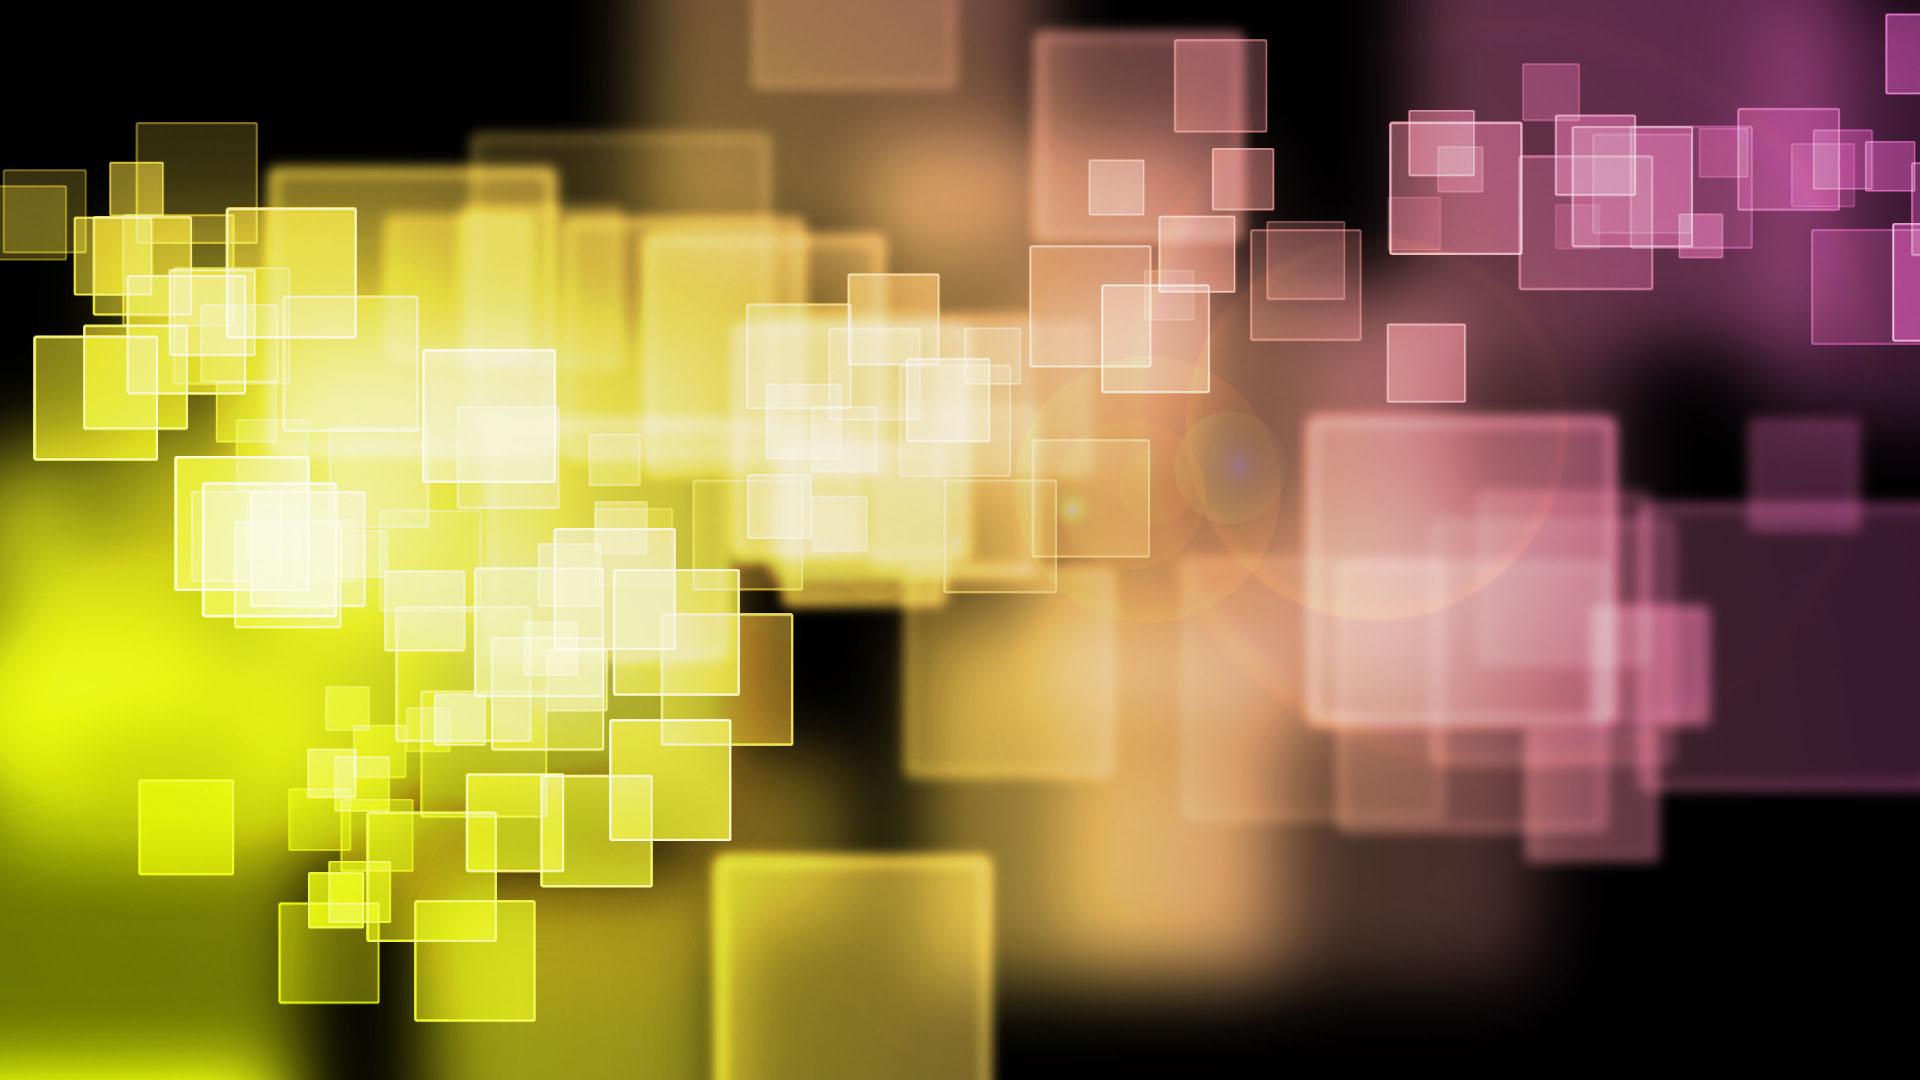 led wallpaper screen wallpapersafari